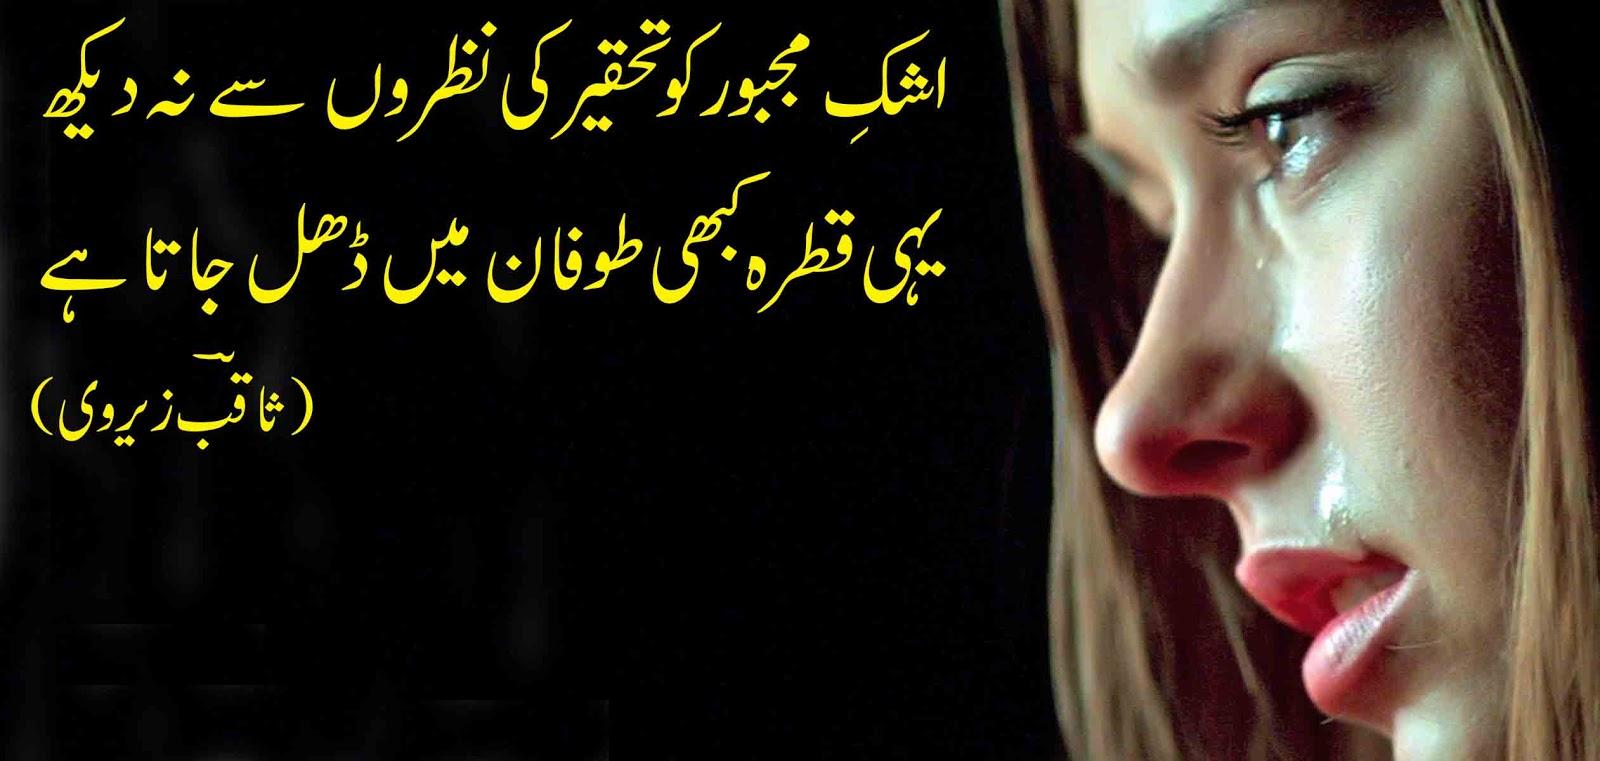 2 - اشکِ مجبور کو تحقیر کی نظروں سے نہ دیکھ